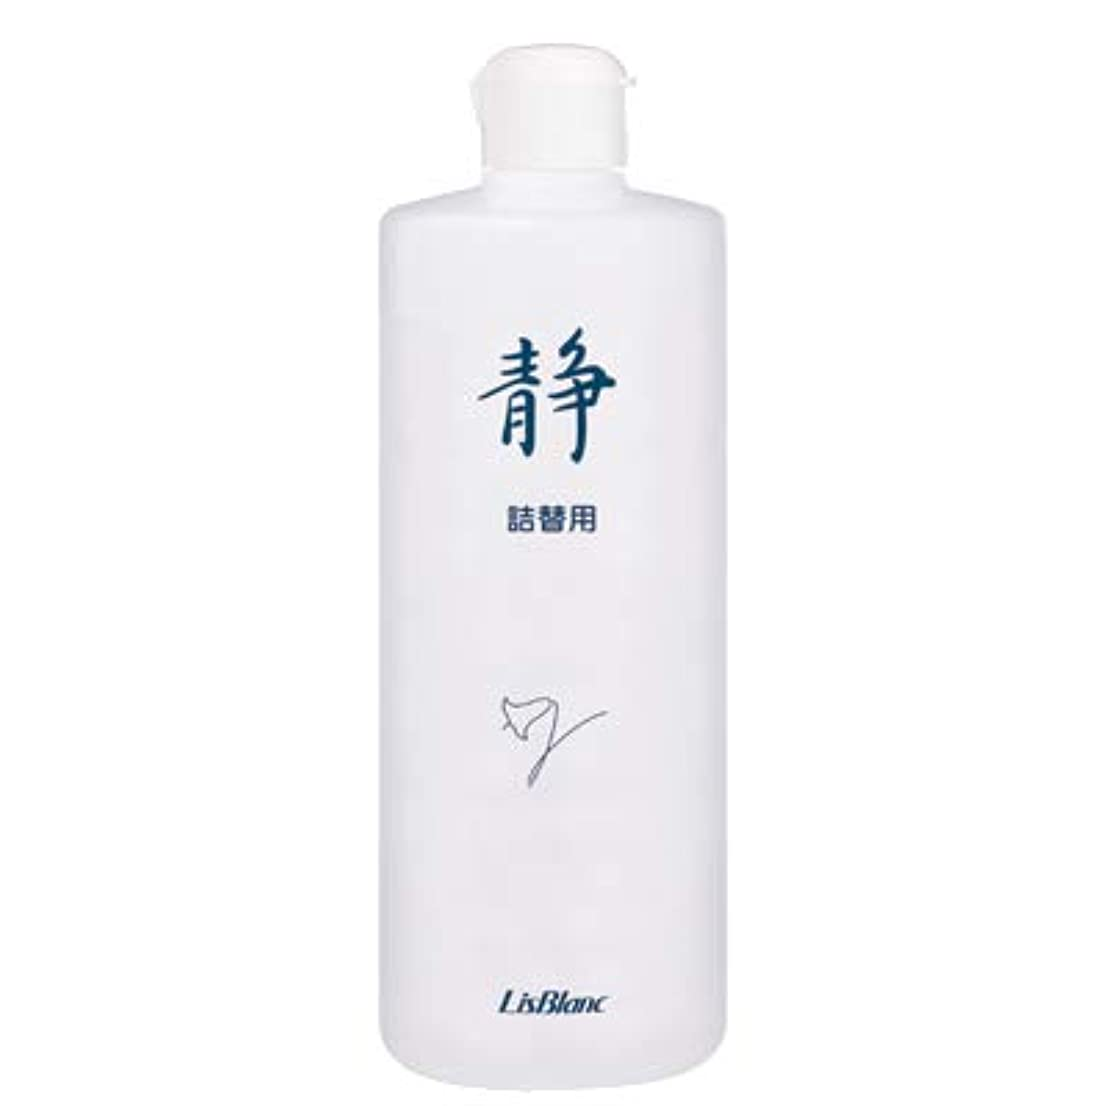 参加するリンス正当化するリスブラン しずかスプレー 徳用 500mL フェイス&ボディ用化粧水